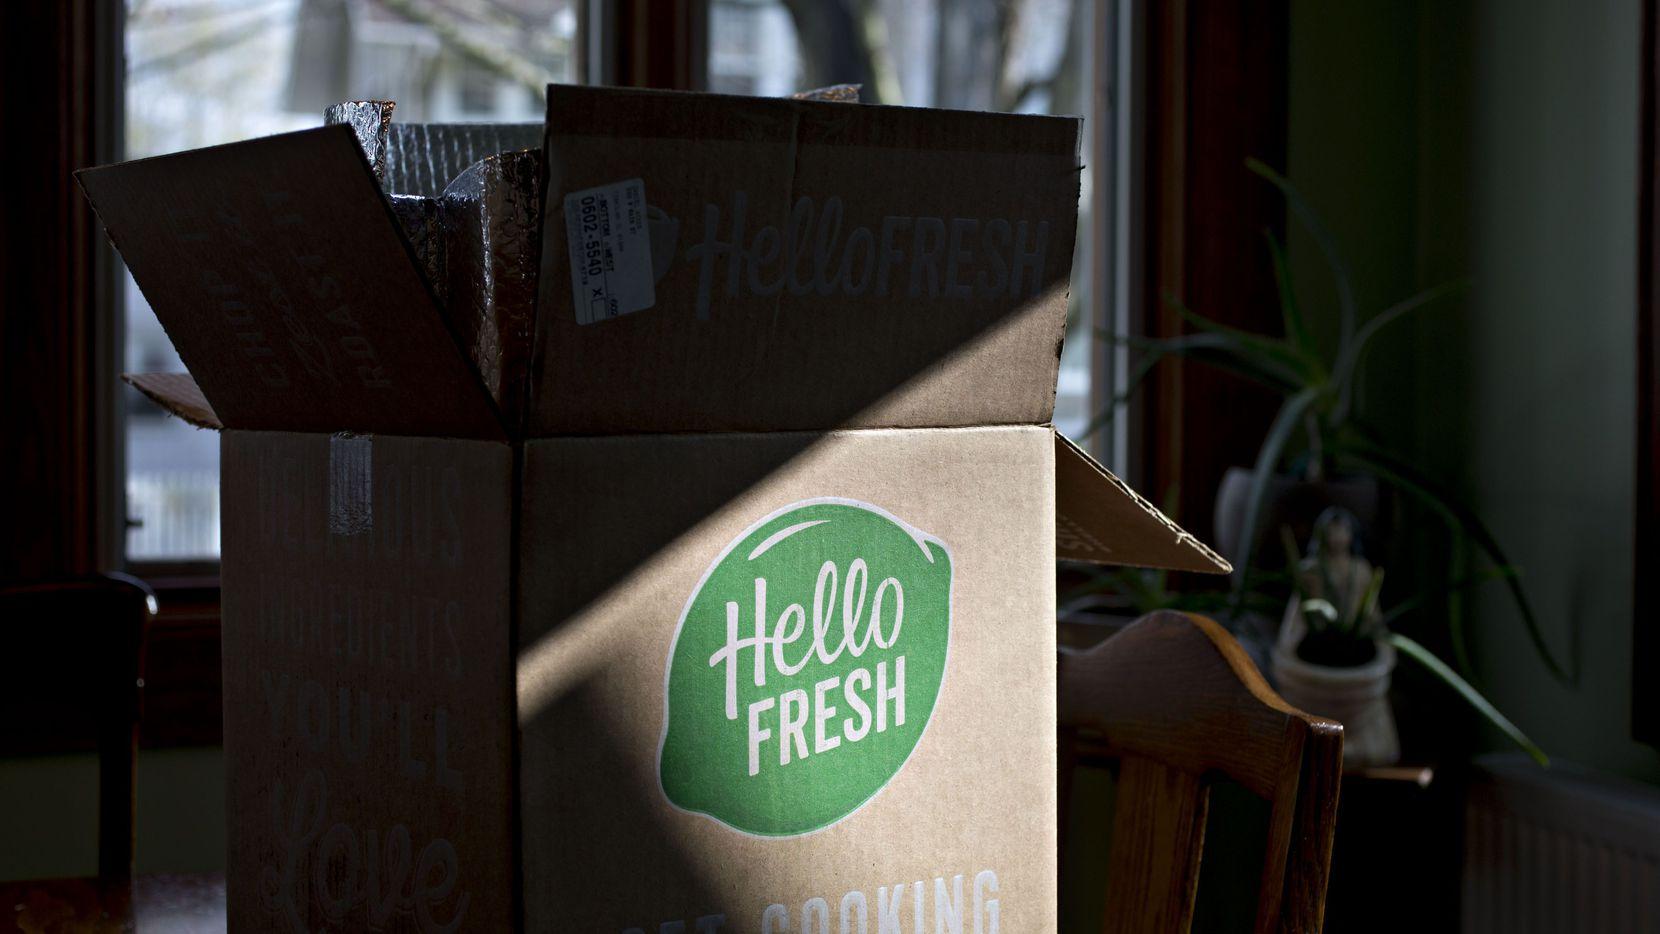 HelloFresh, la empresa que reparte kits de comida para preparar, anunció una expansión en el Norte de Texas.